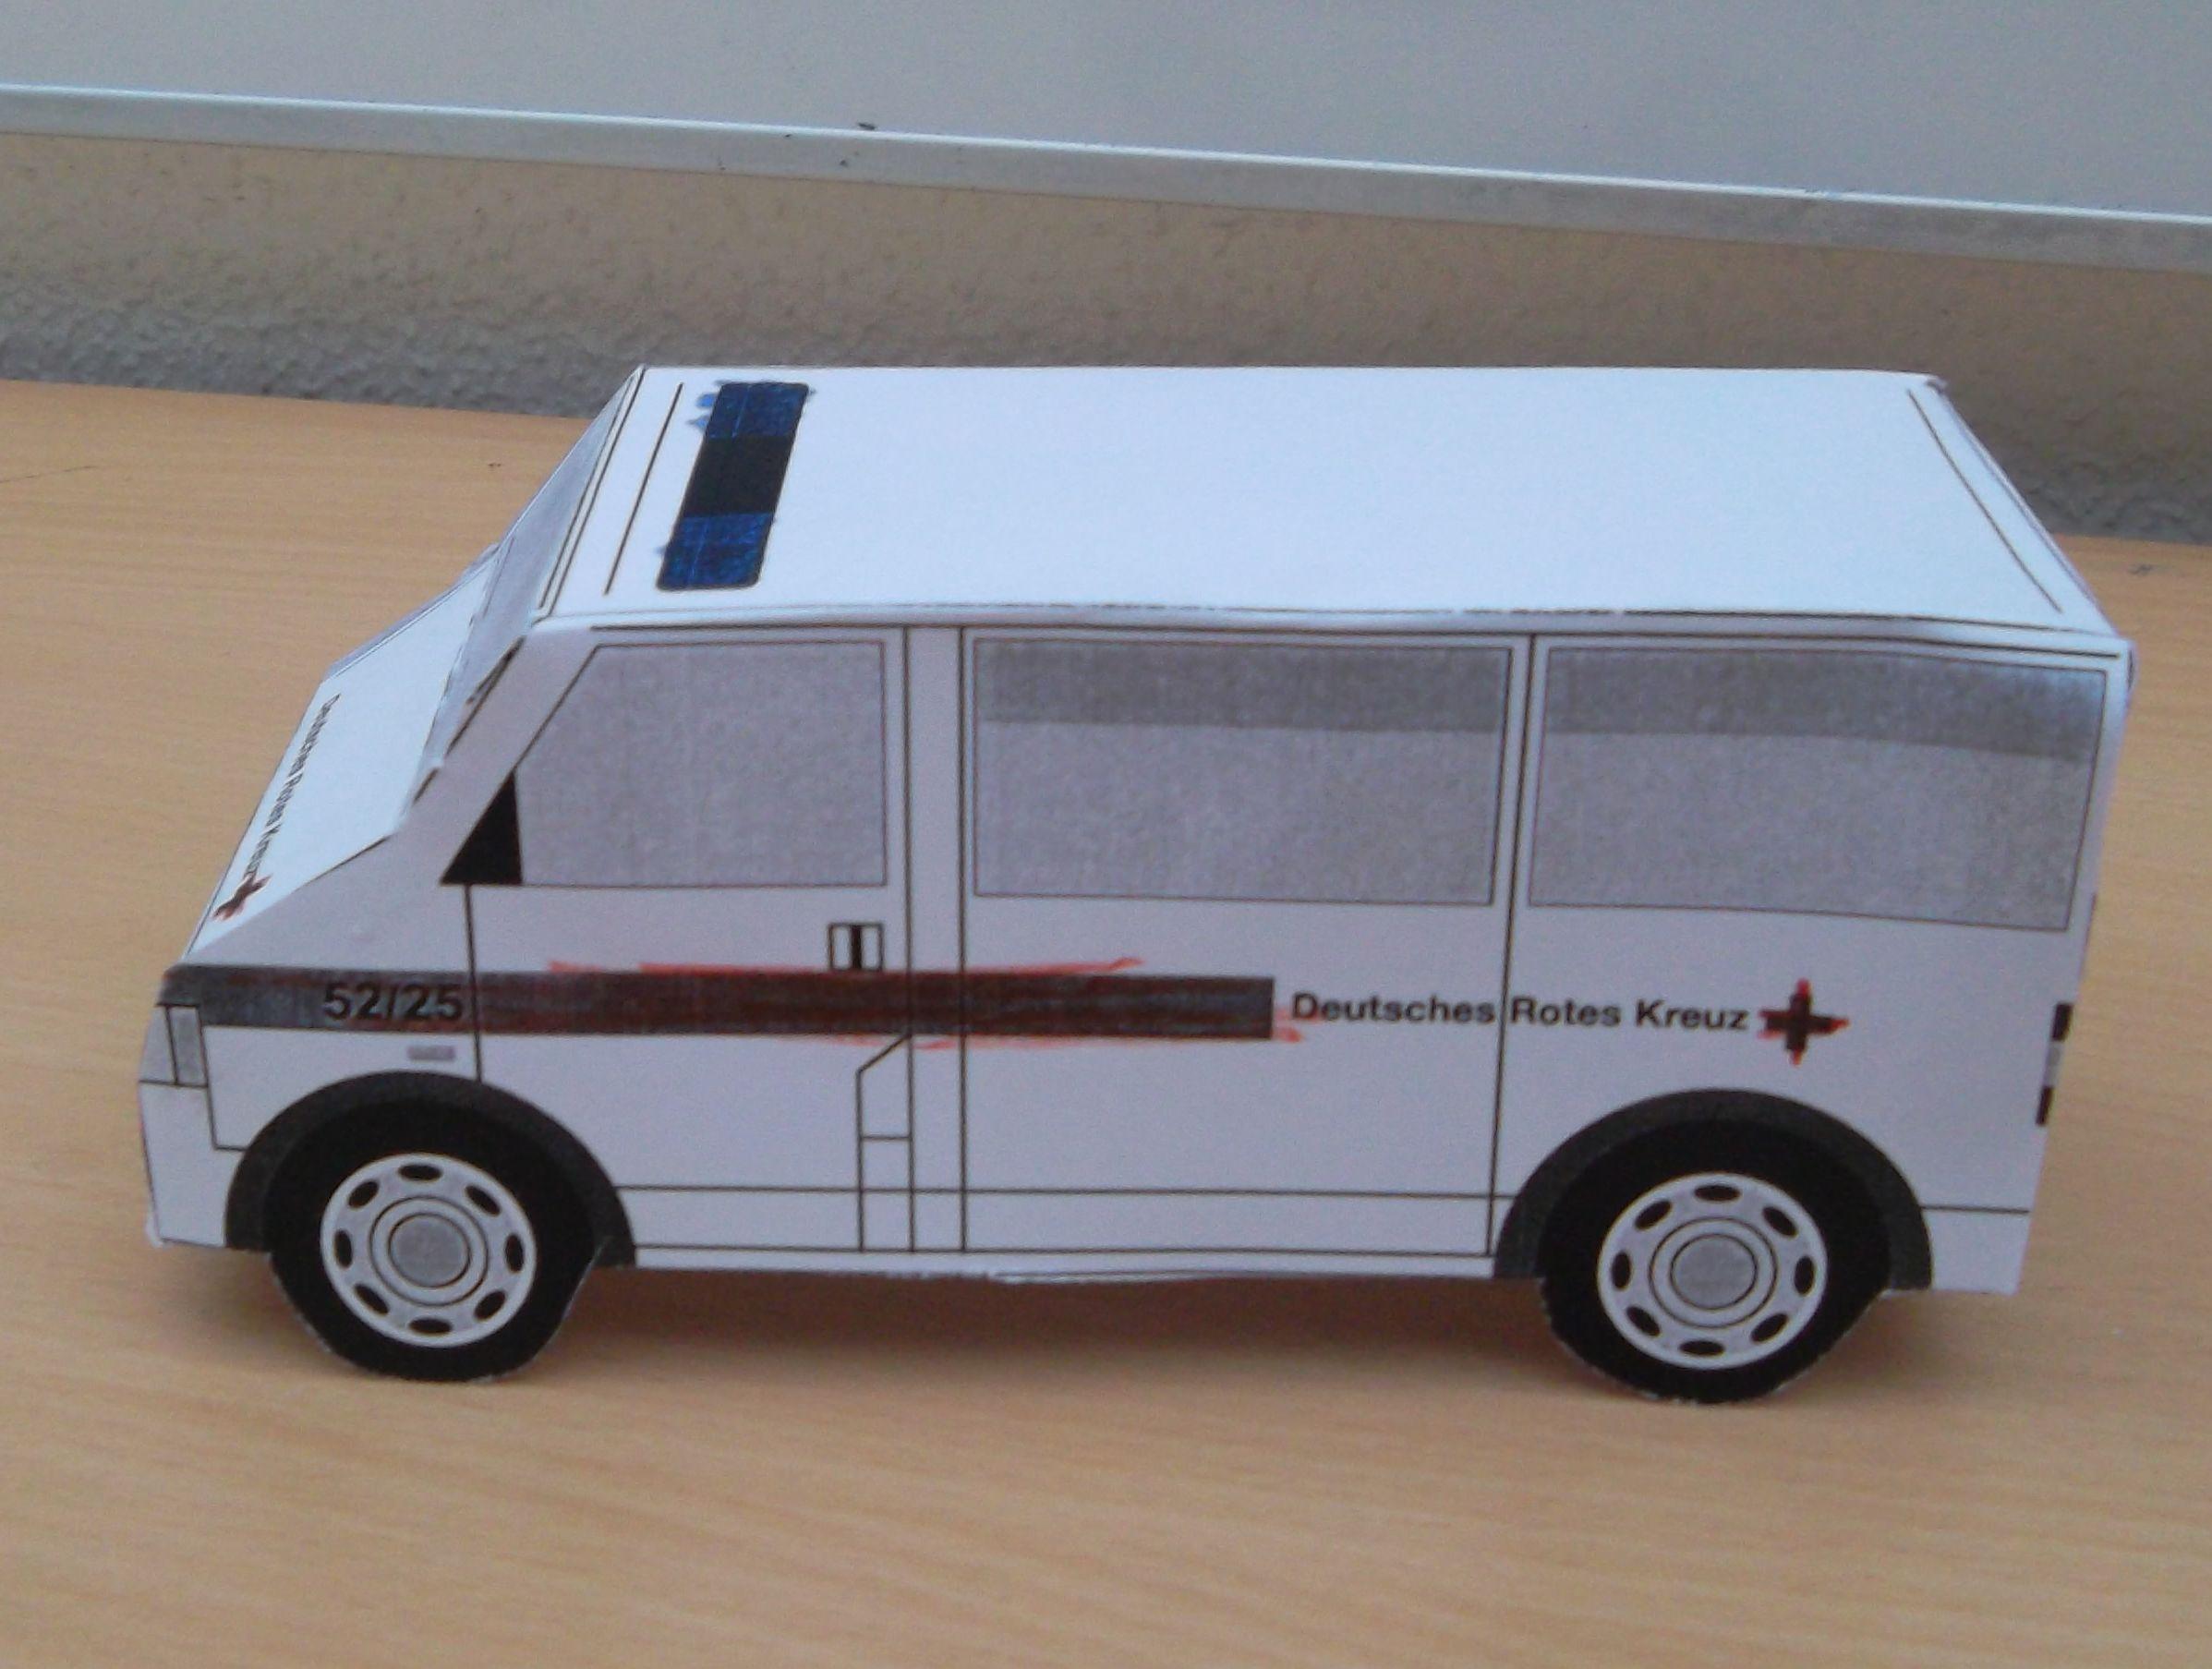 projektwoche erste hilfe krankenwagen basteln. Black Bedroom Furniture Sets. Home Design Ideas